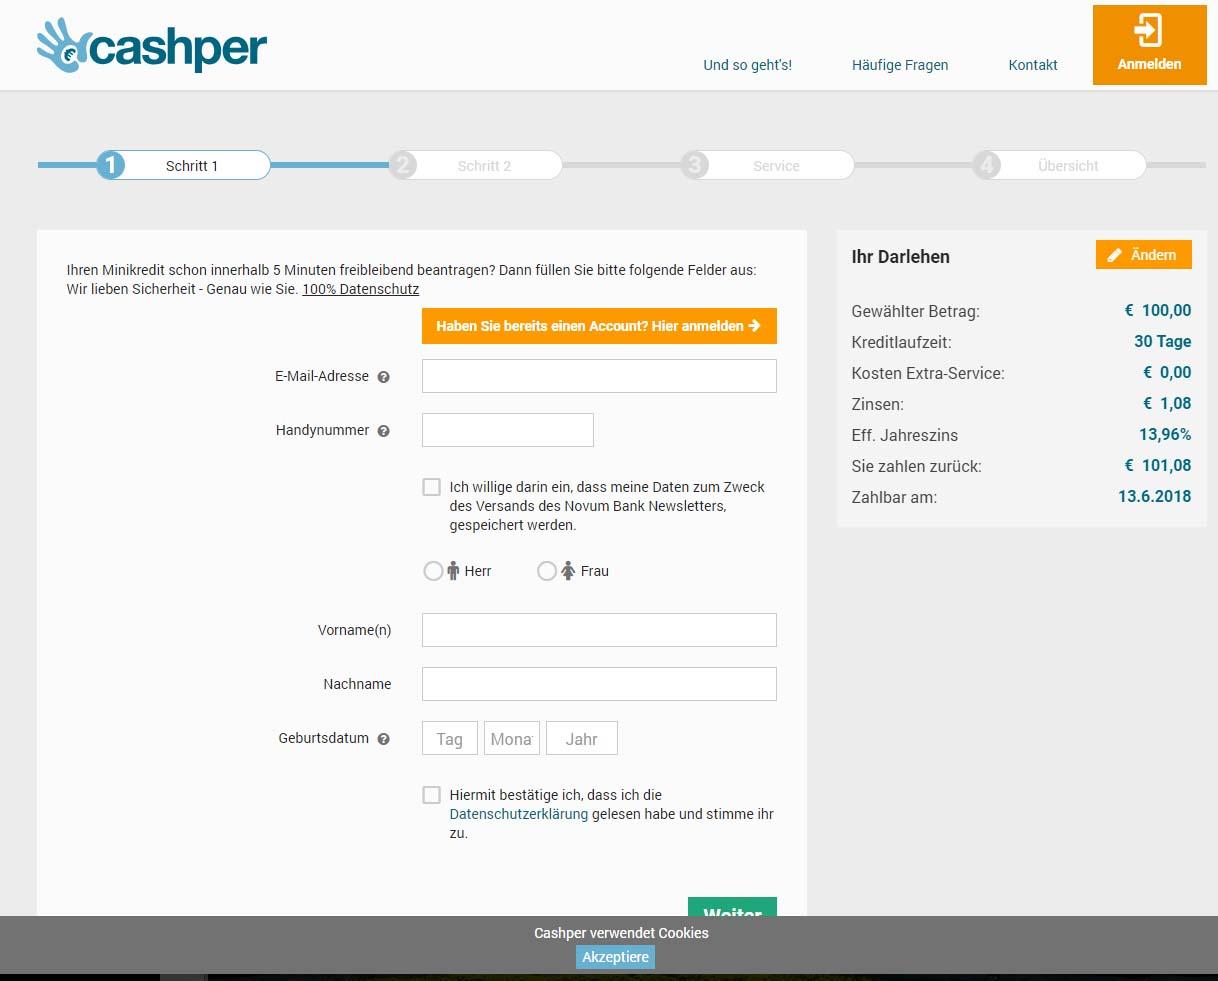 Cashper Kredit Test Erfahrungen